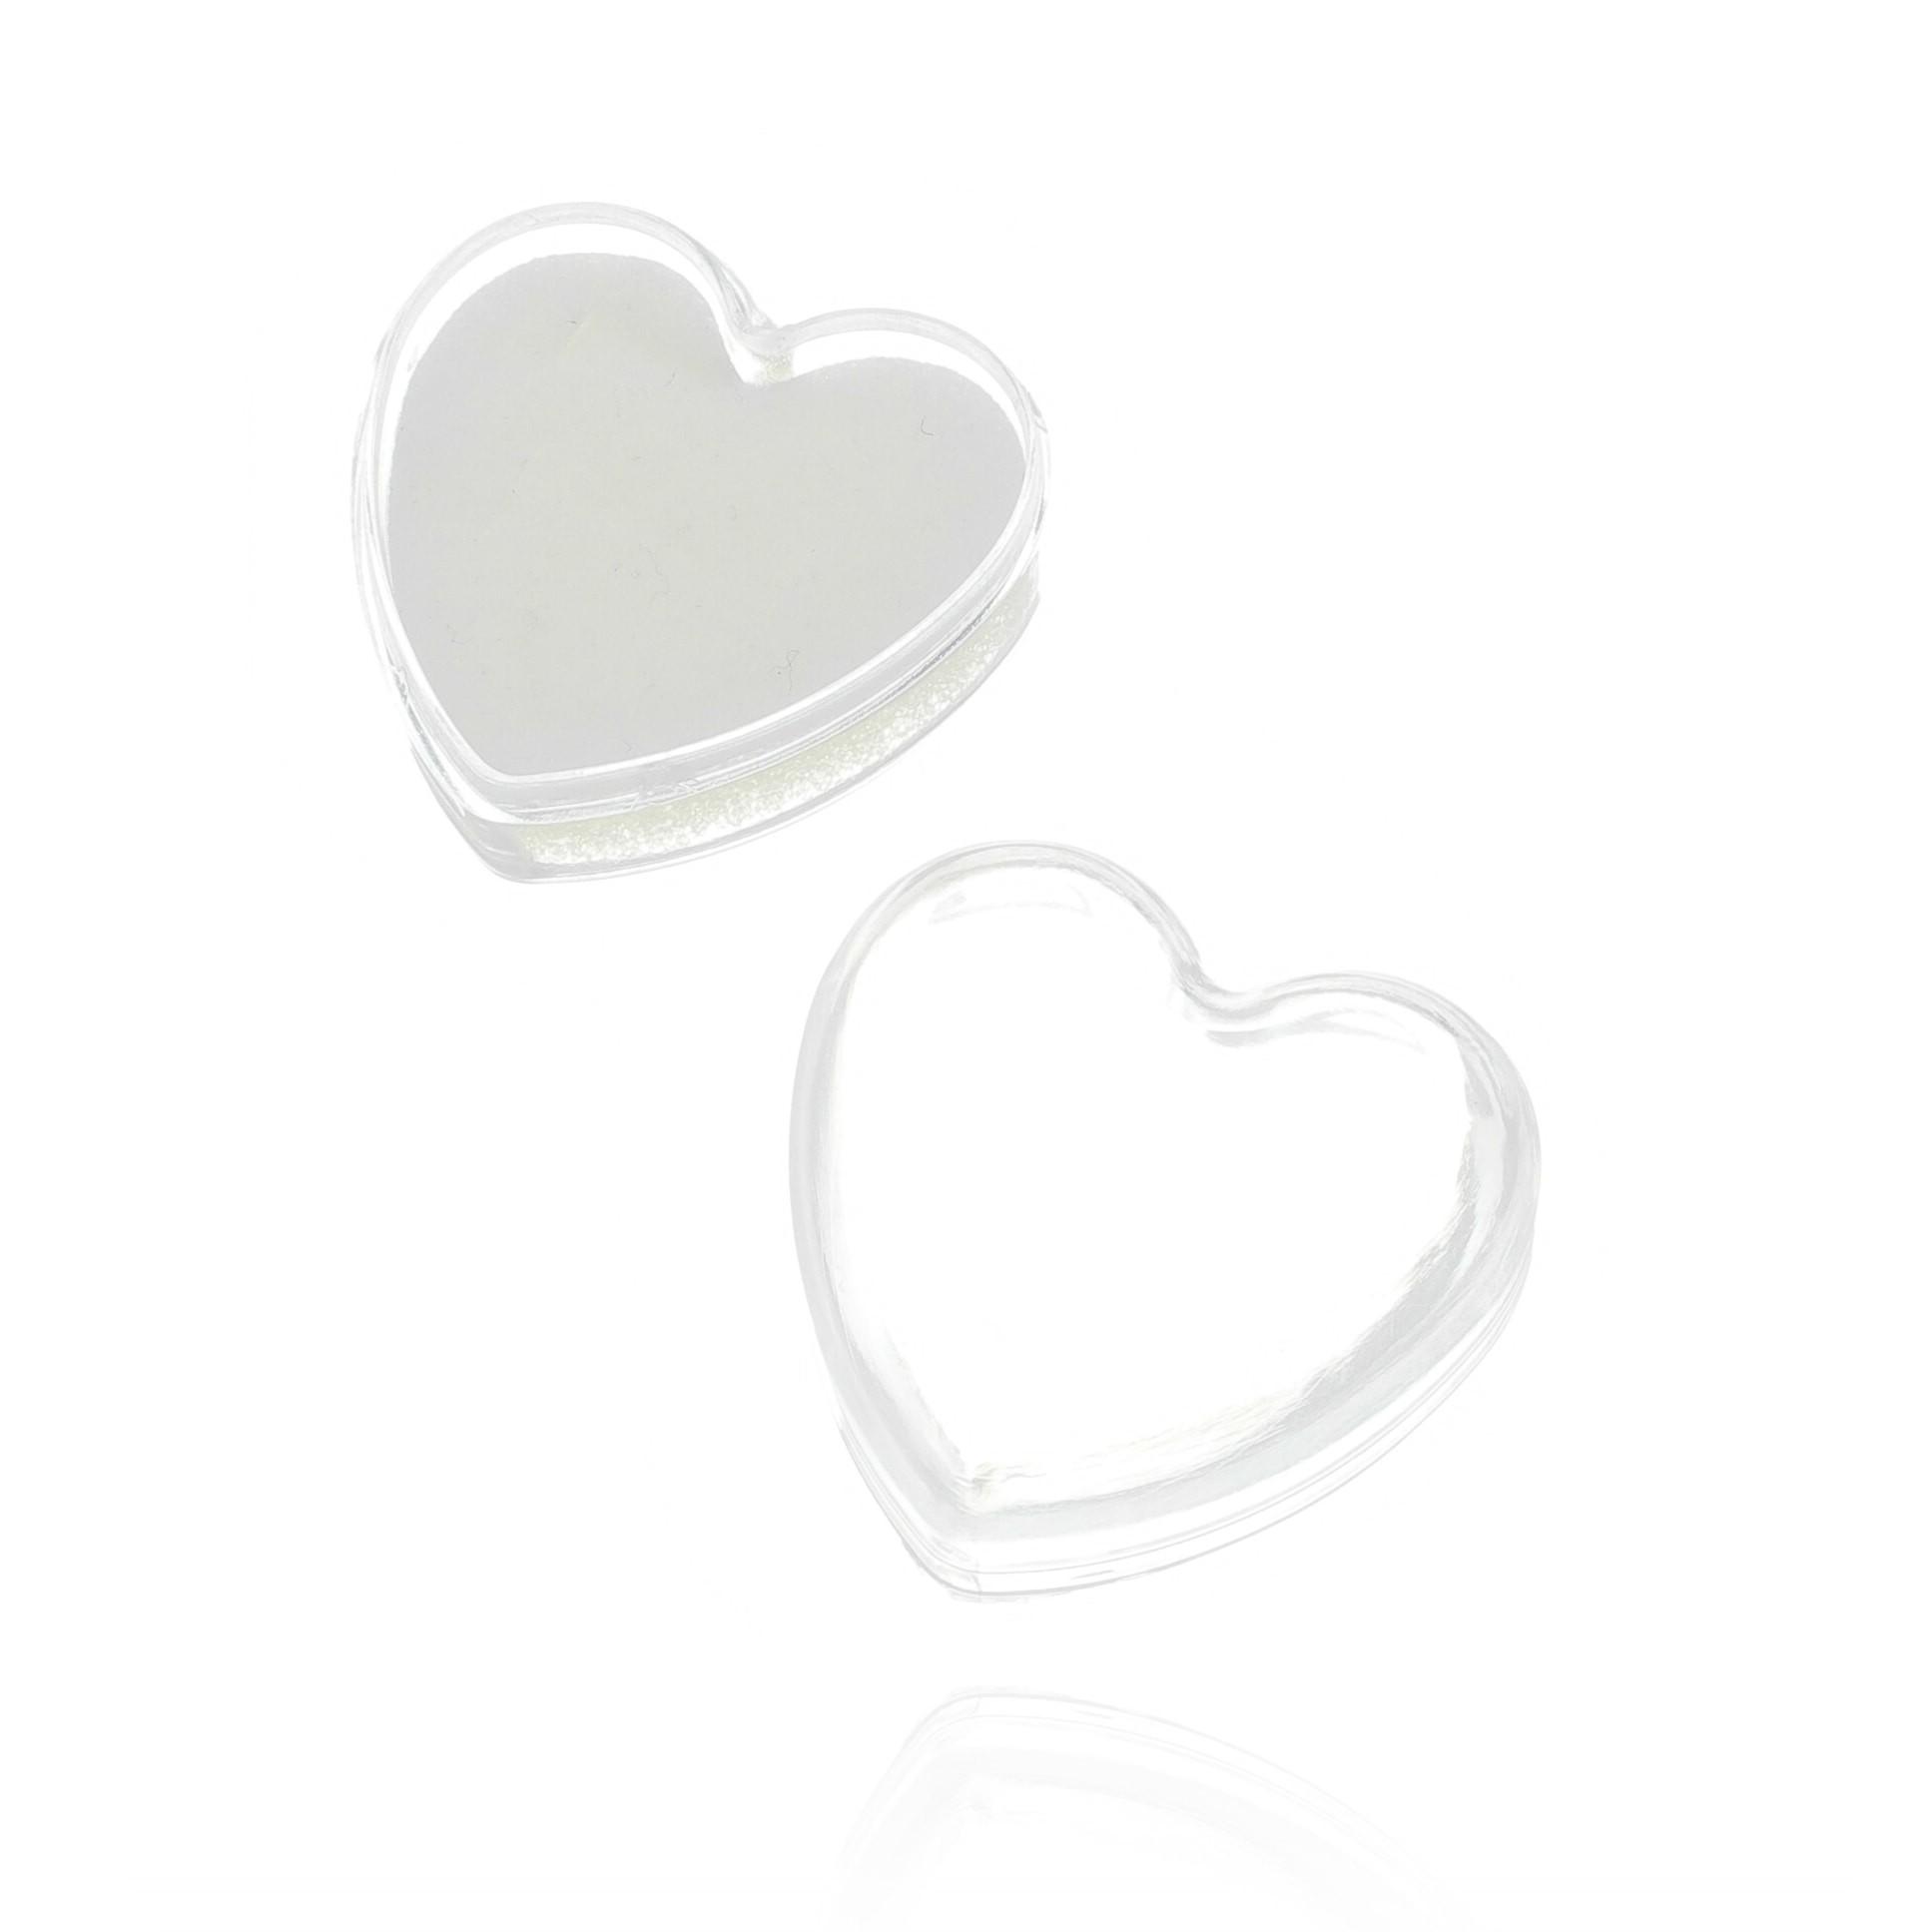 Caixinha para presente formato coração transparente